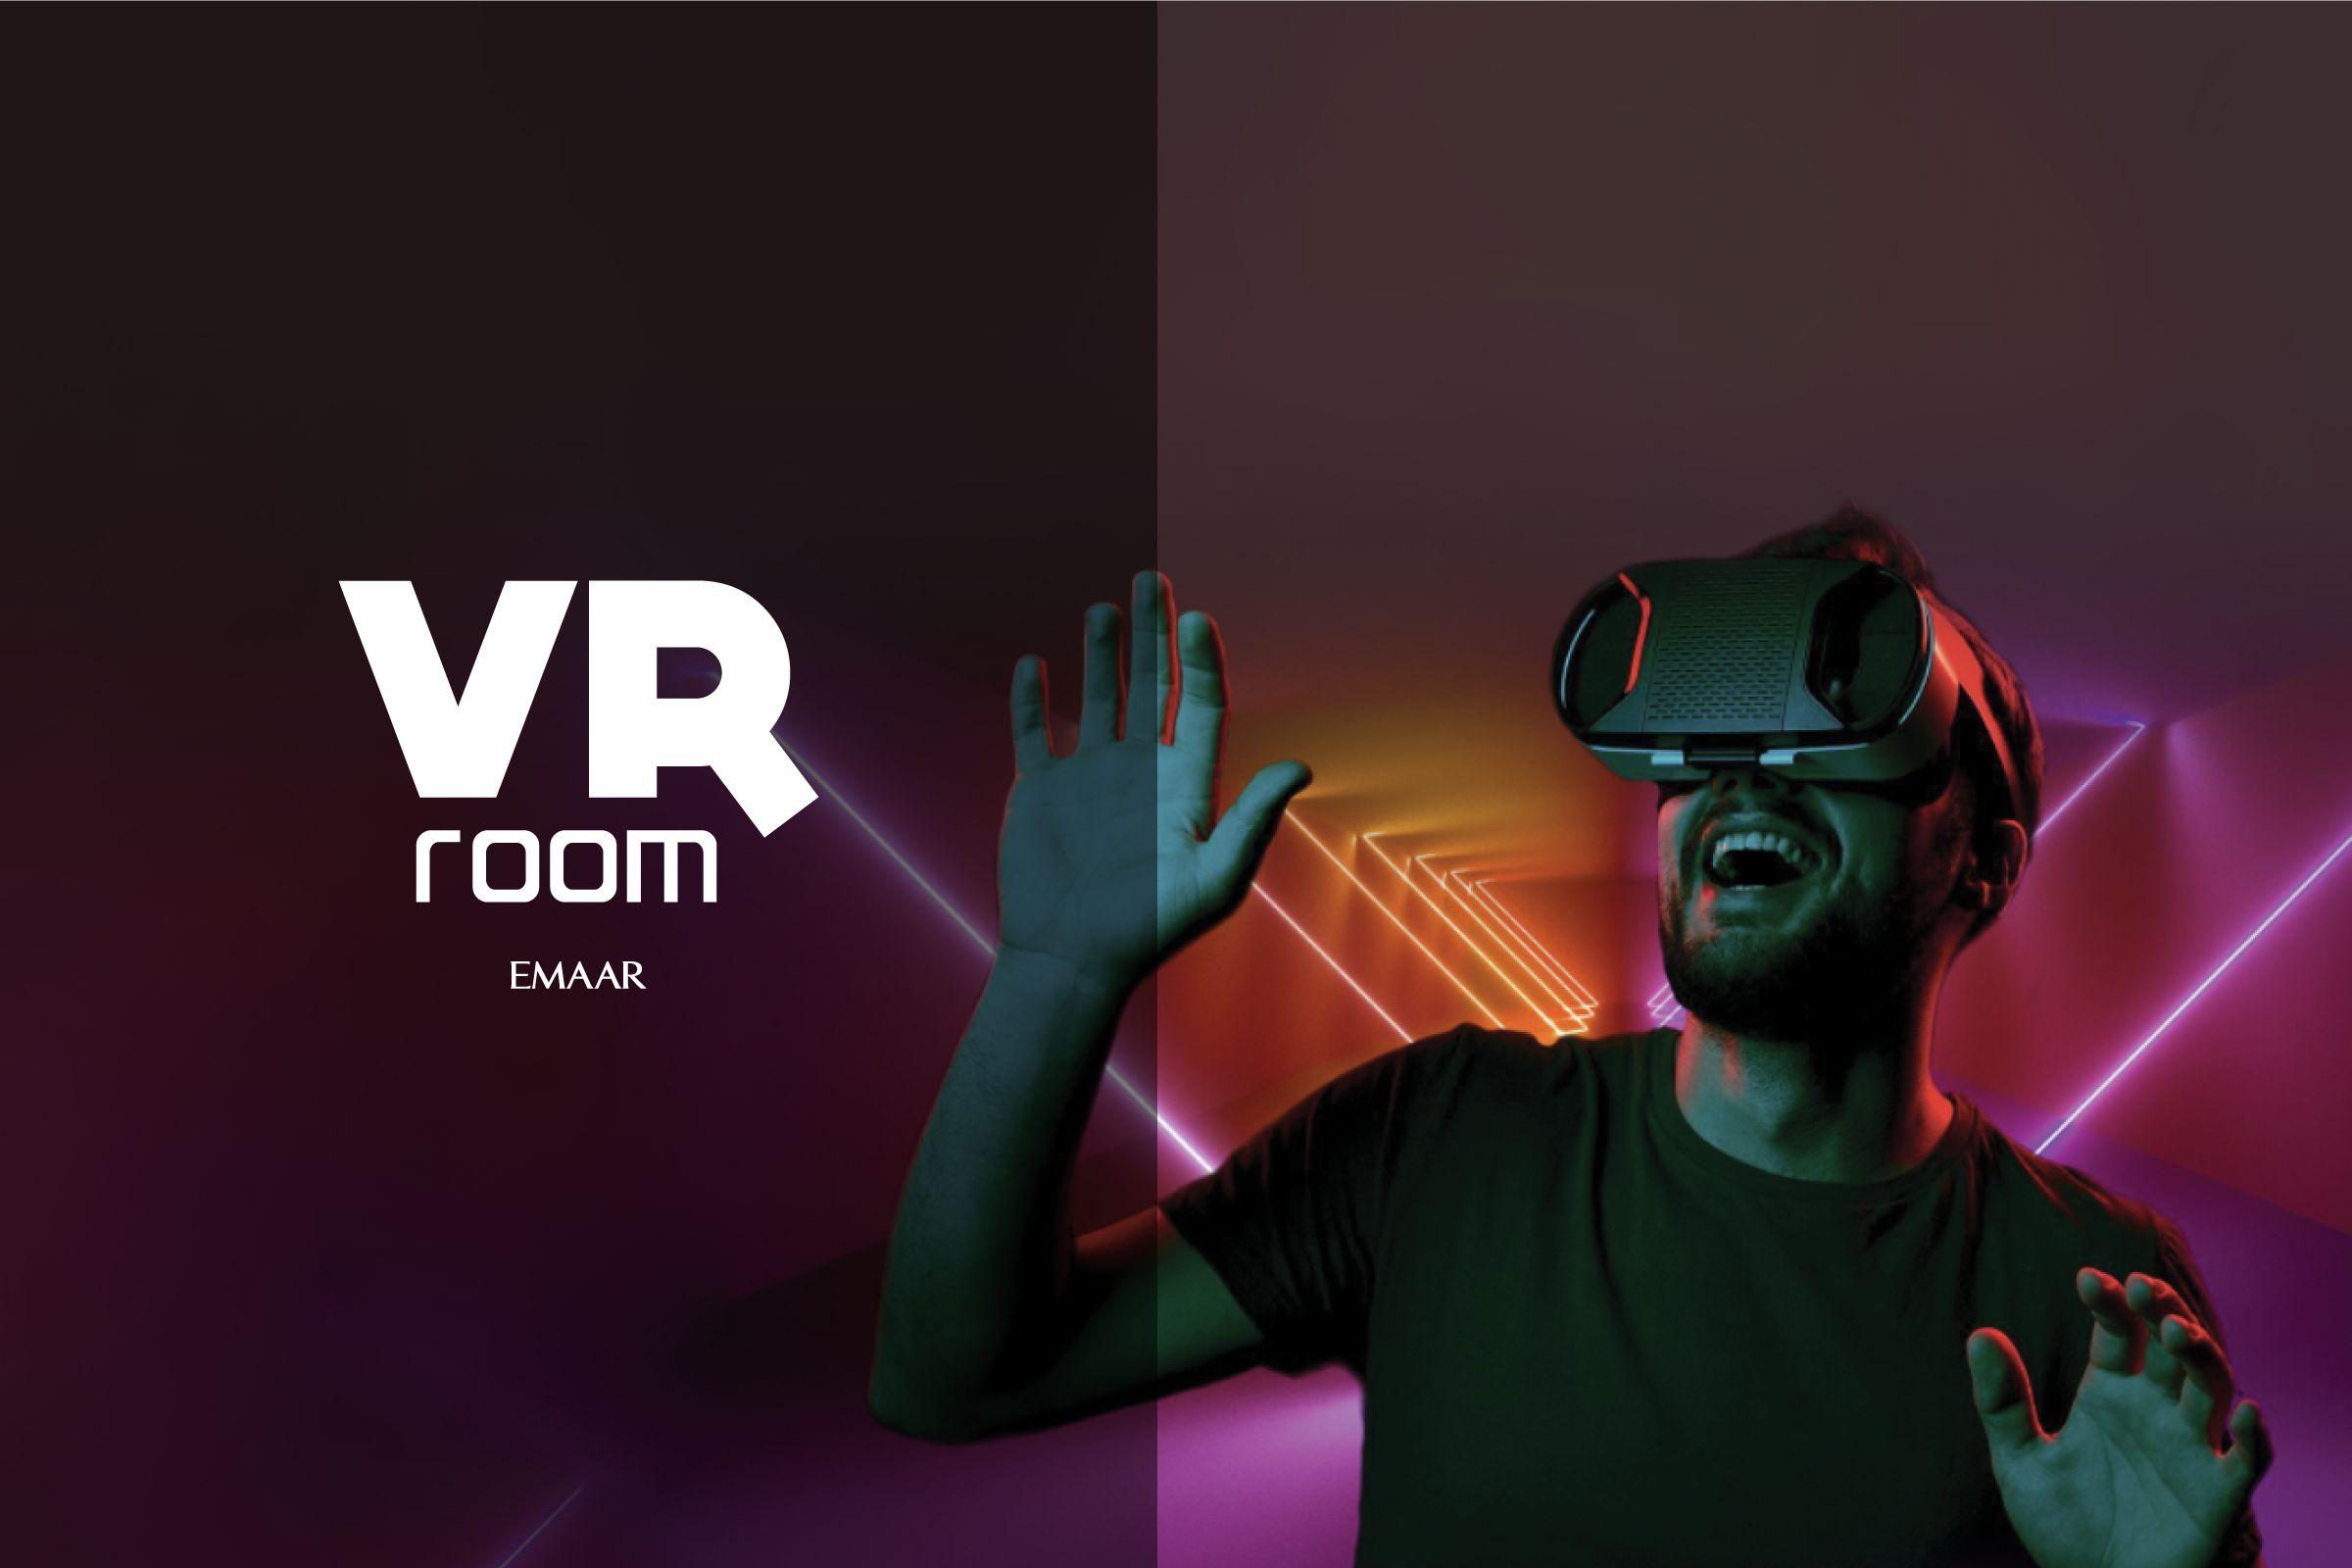 Sanal gerçeklik heyecanı VR ROOM ile artık Emaar AVM'de